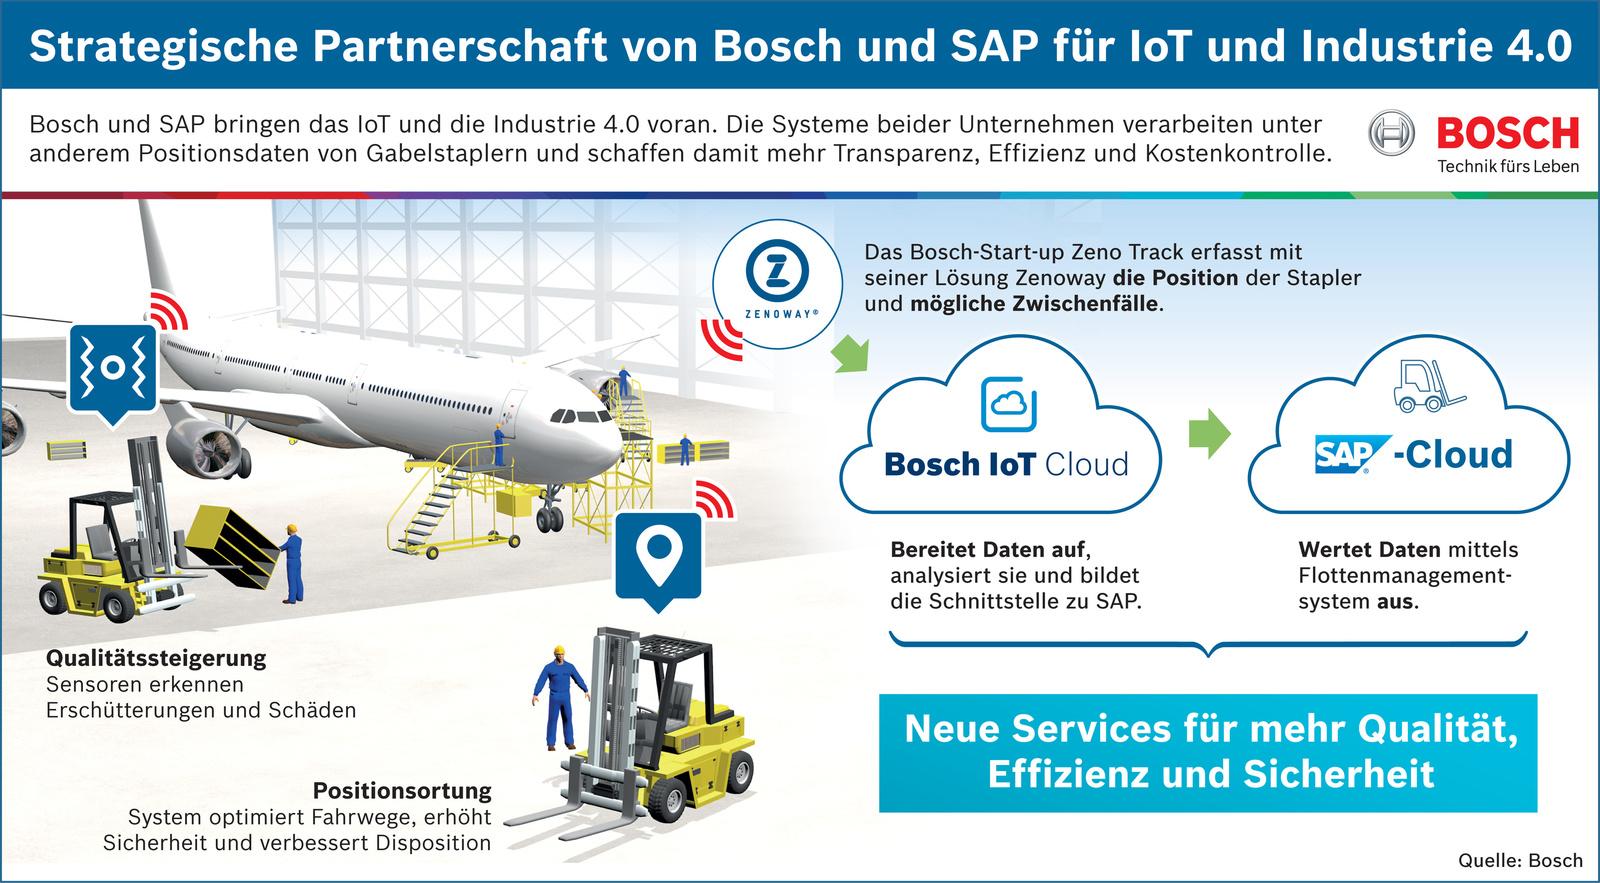 Bosch und SAP Kooperation